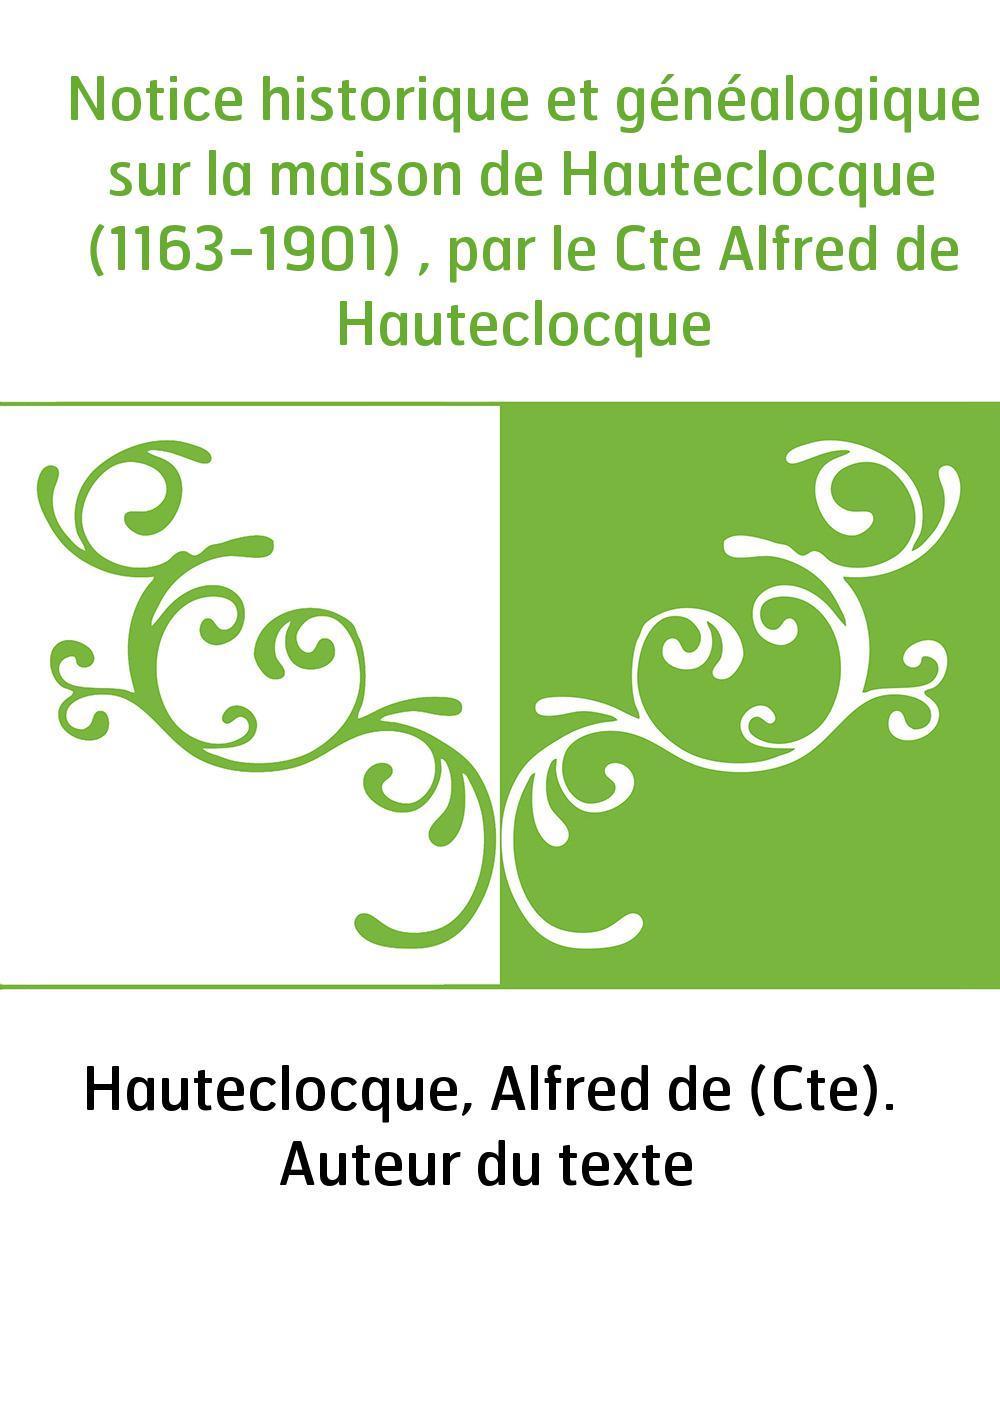 Notice historique et généalogique sur la maison de Hauteclocque (1163-1901) , par le Cte Alfred de Hauteclocque